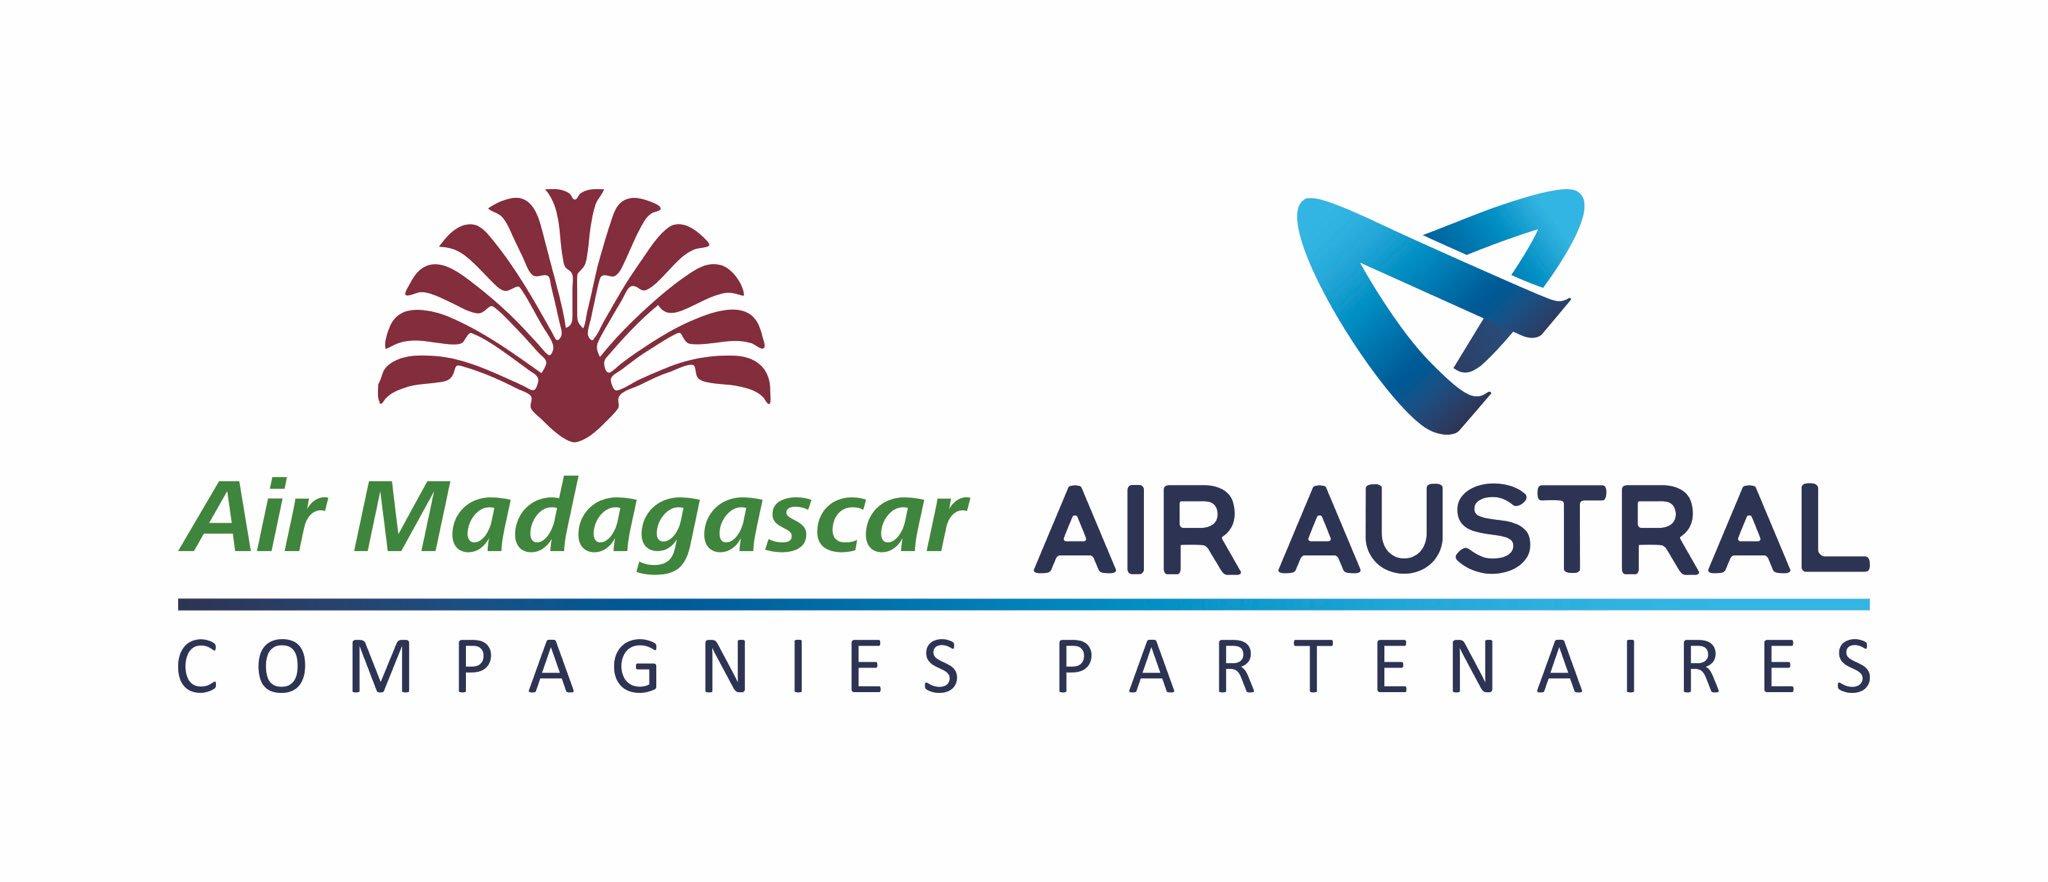 Resultado de imagen para air madagascar logo